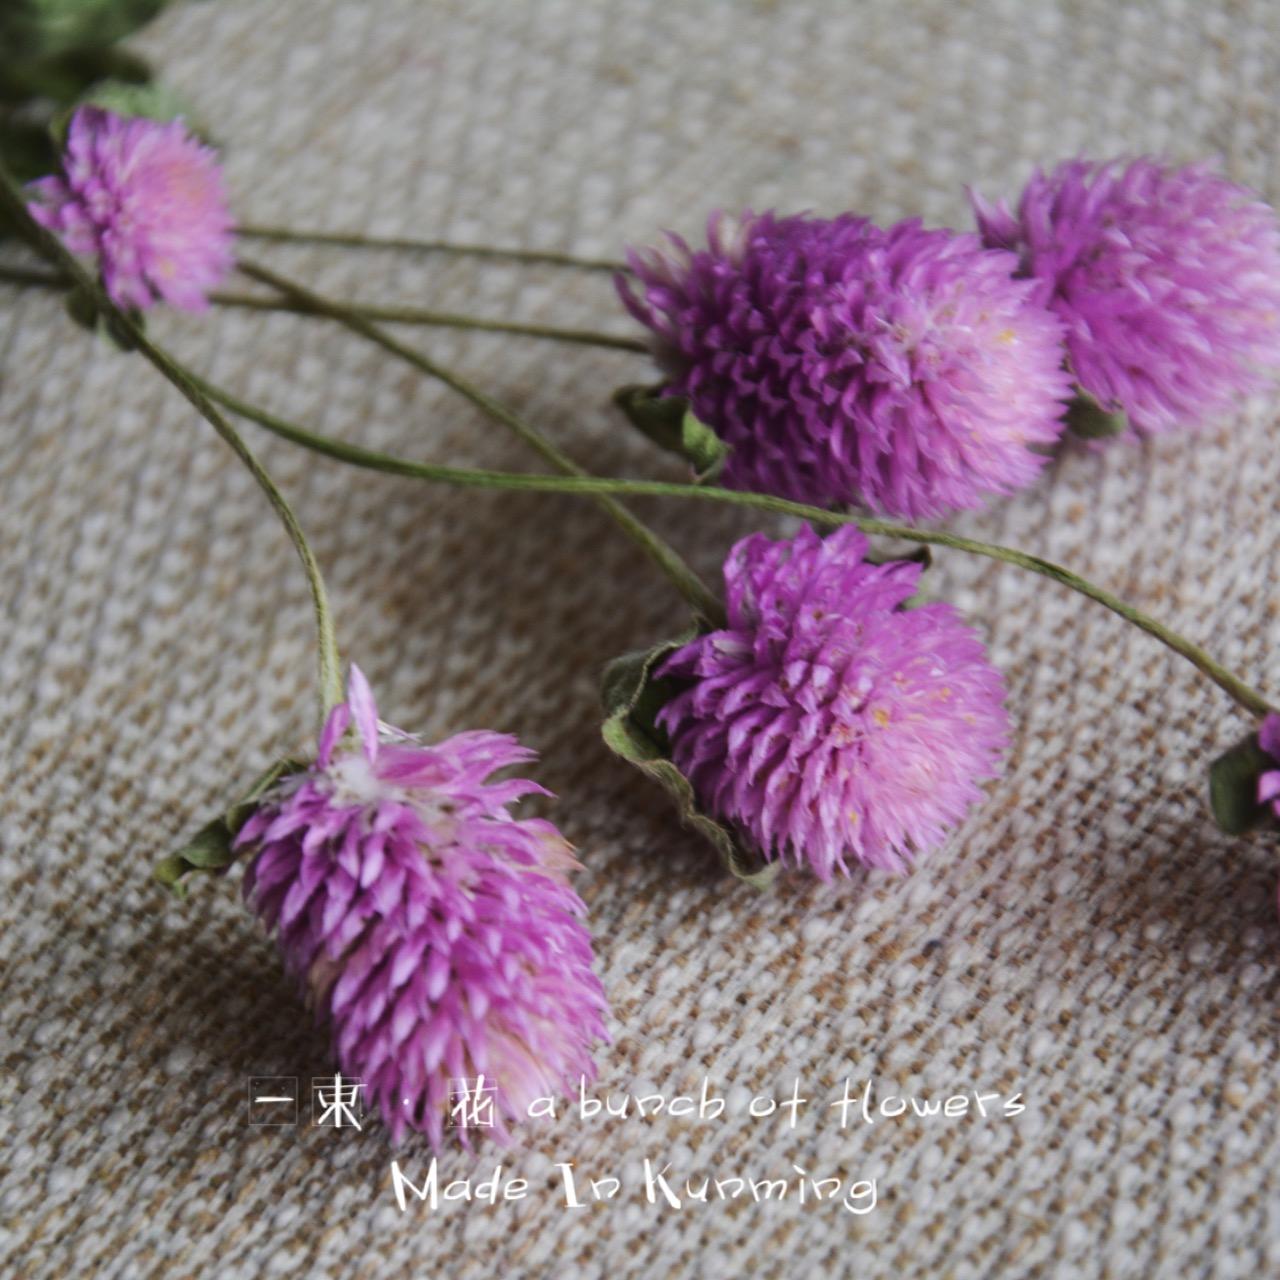 Многоцветный тысяча день красный сухие цветы вечная жизнь цветок букет 5 мяч воск трейлер кольцо сухие цветы материал краткое тонкий стержень